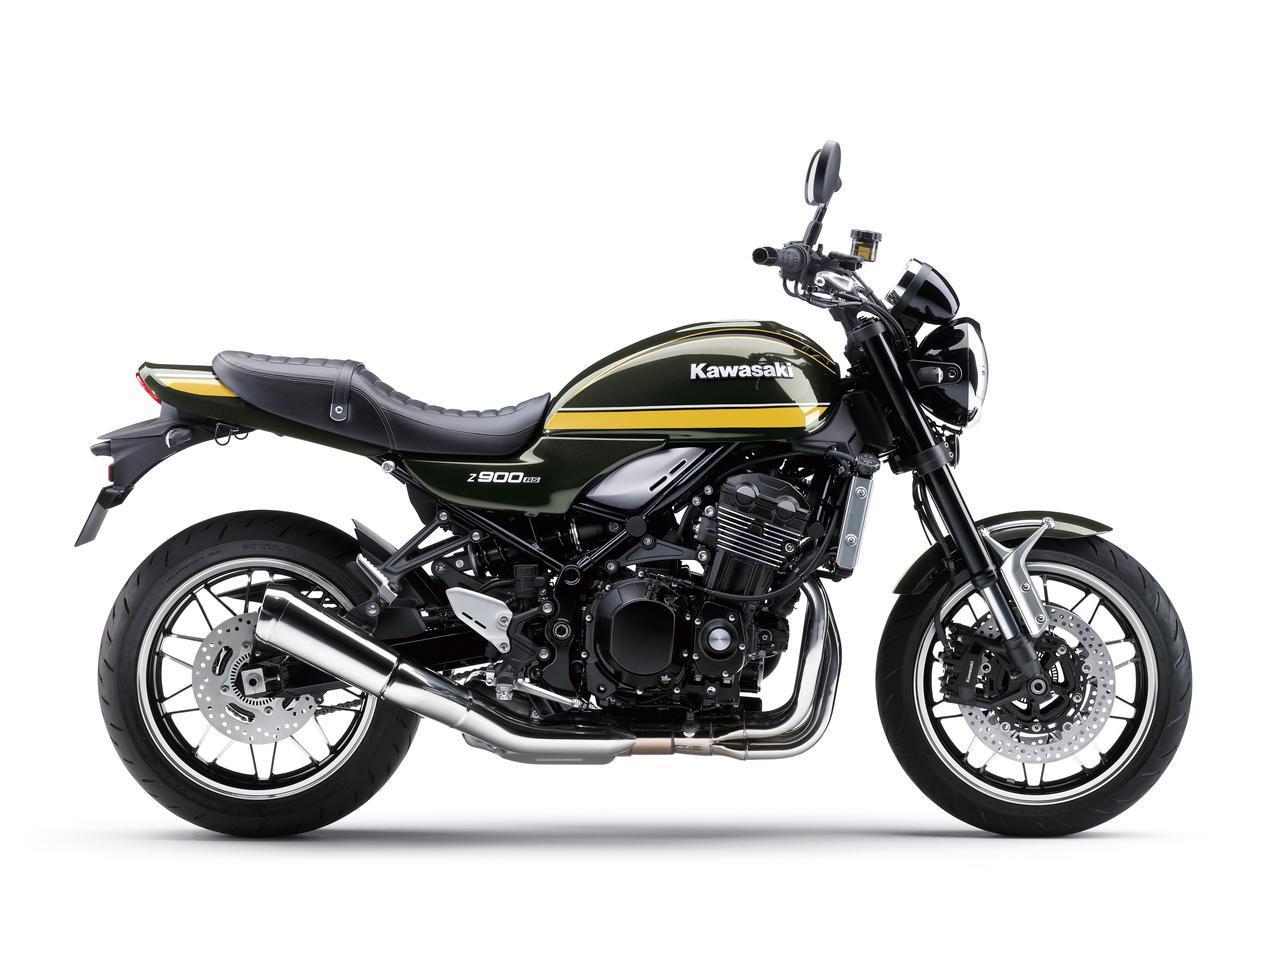 画像2: カワサキが「Z900RS CAFE」の新色を発売! Z900RSシリーズの2021年モデルと2020年モデルを比較してみよう【2021速報】